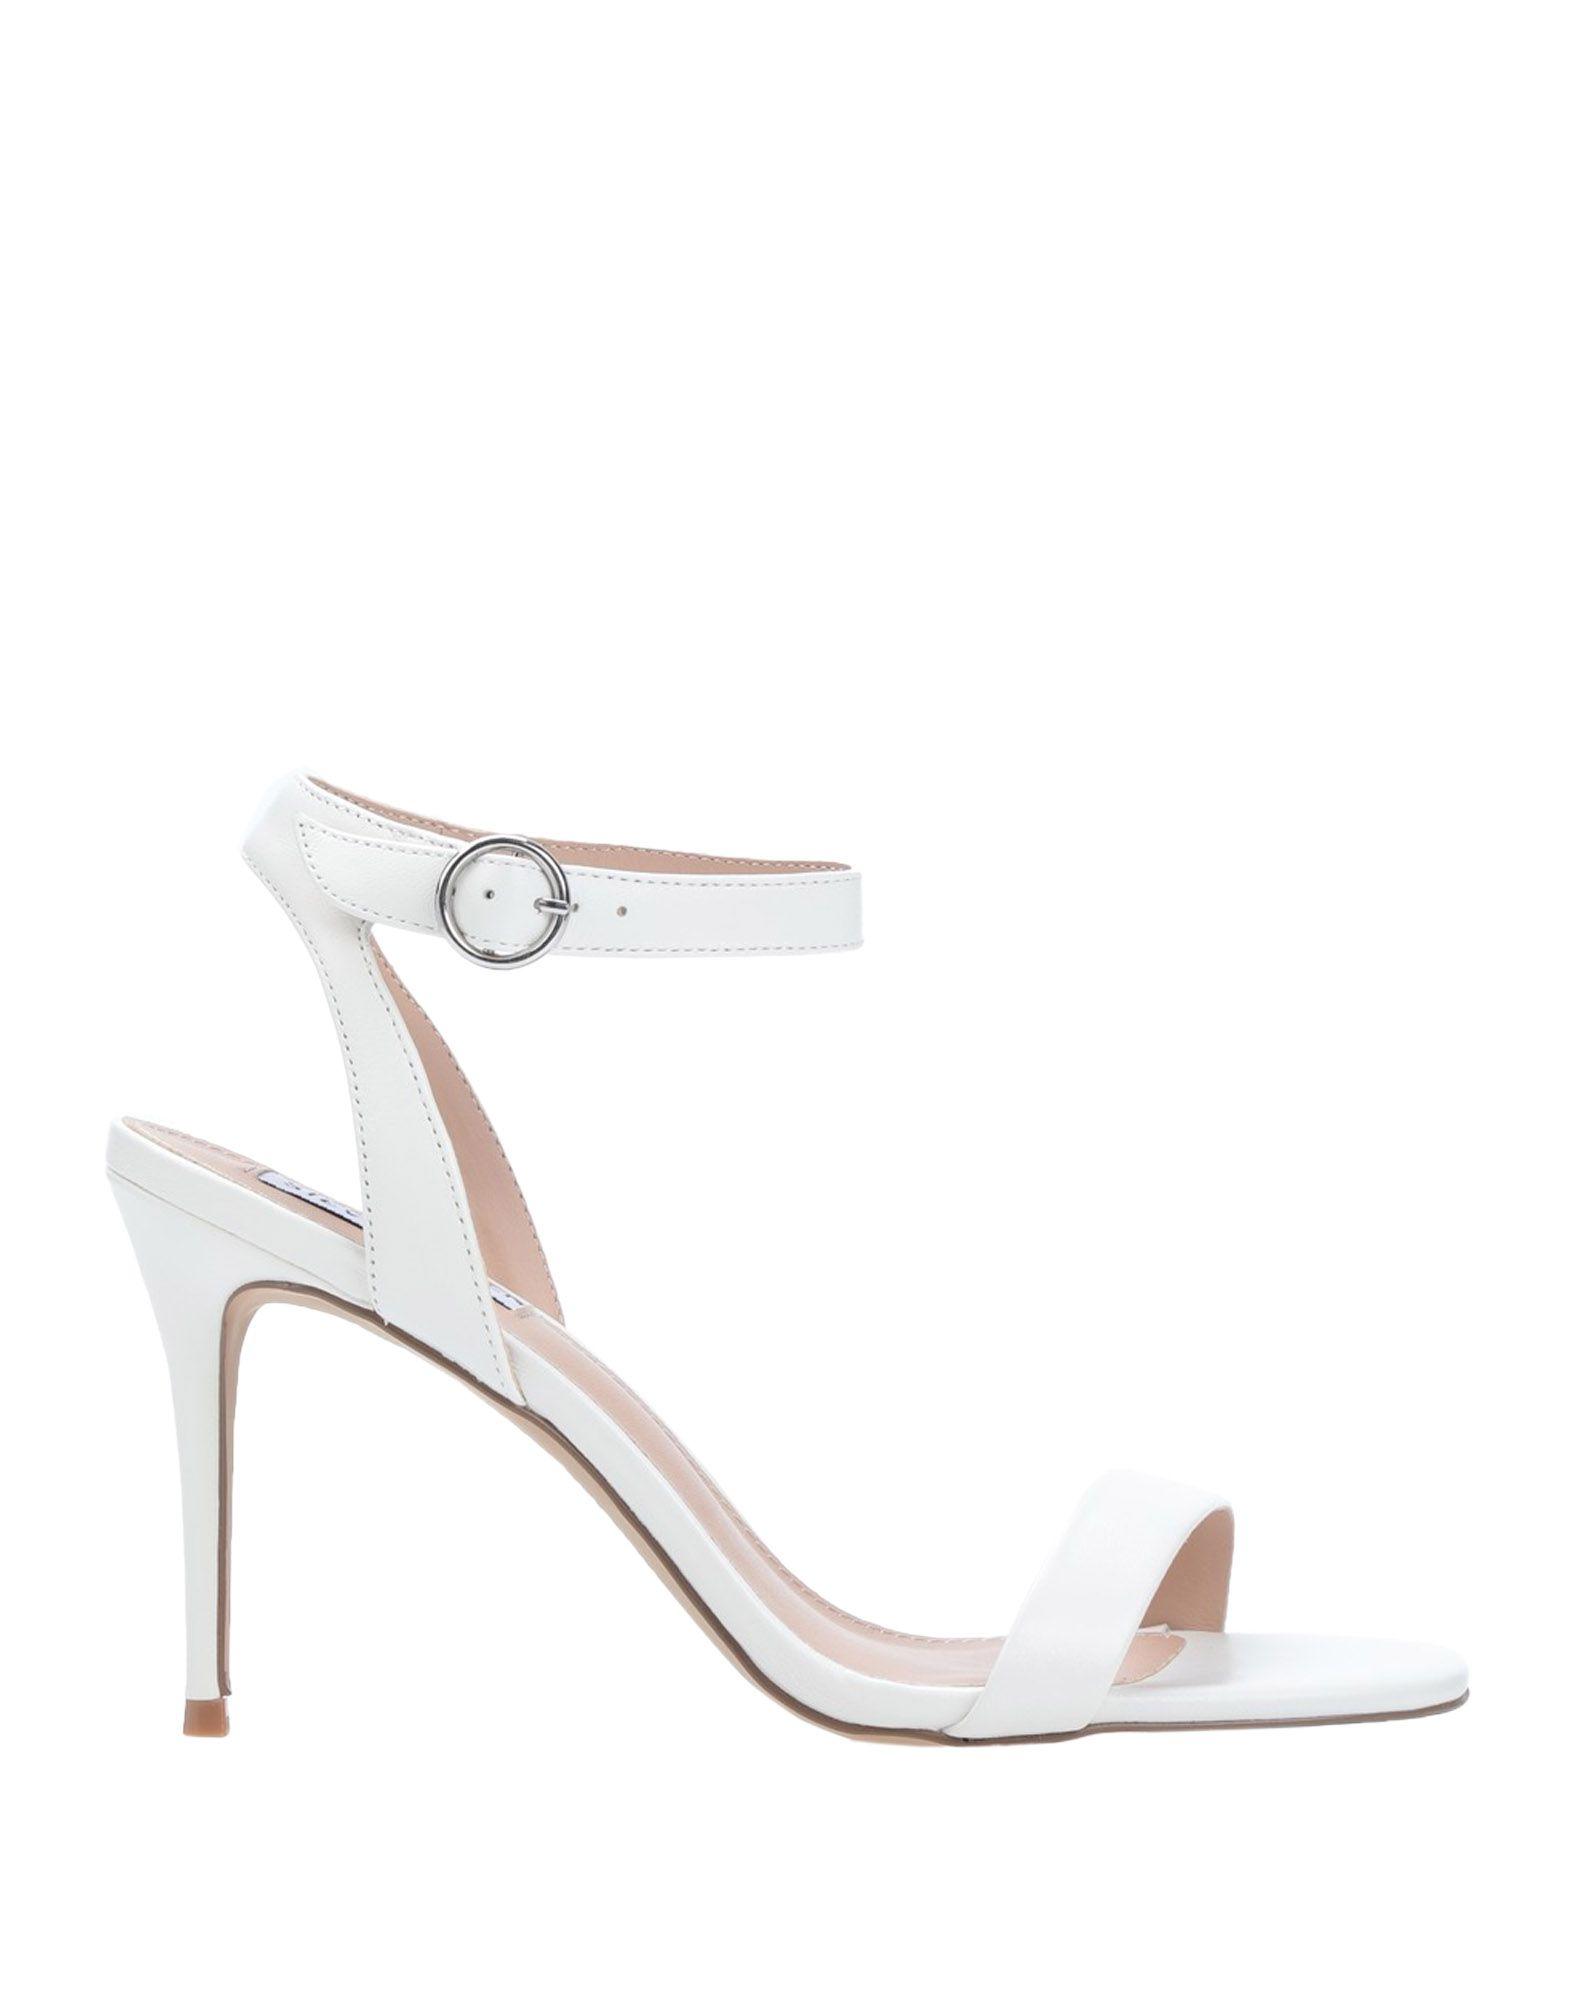 STEVE MADDEN Sandals - Item 11701482